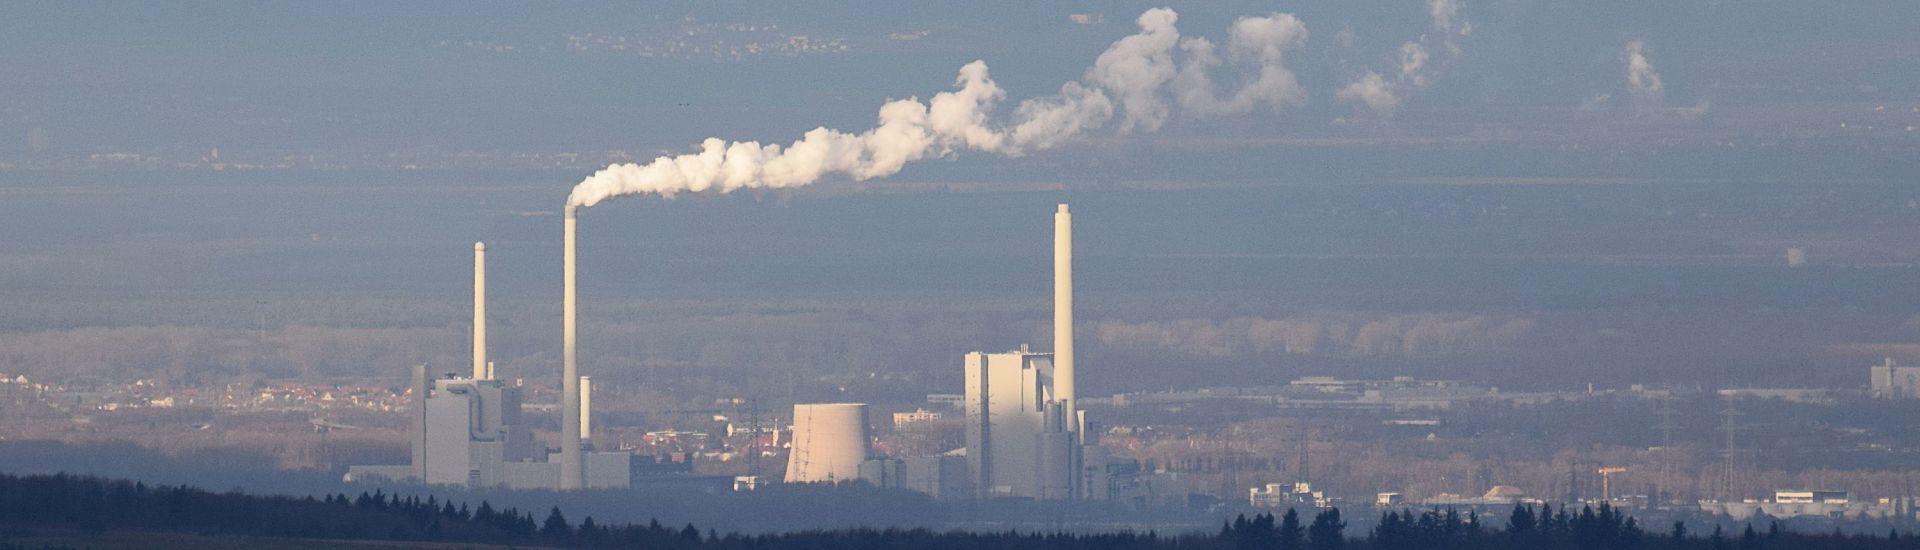 Kraftwerke in einem Tal mit Dunst